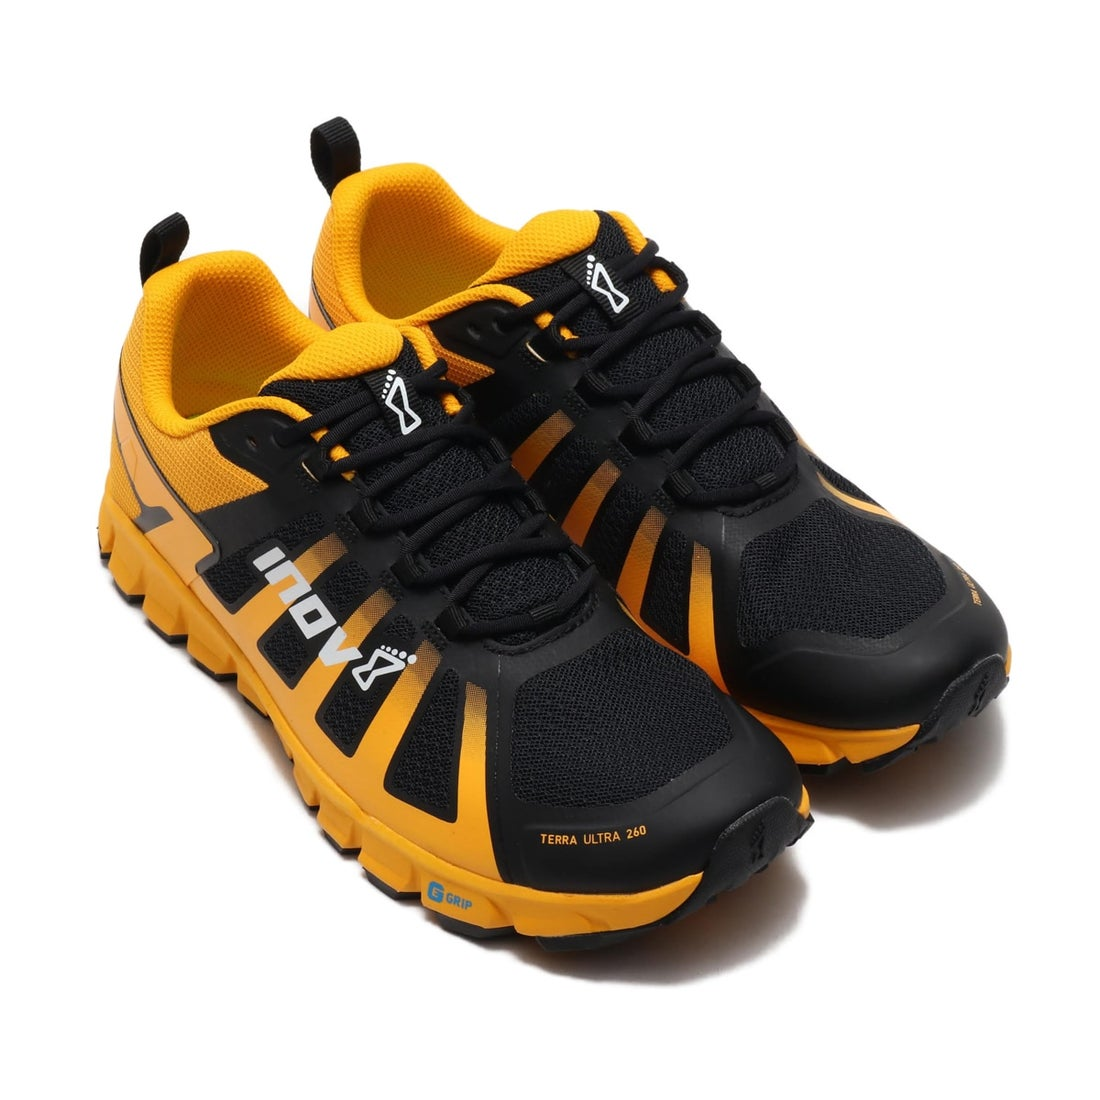 ロコンド 靴とファッションの通販サイトイノヴェイト inov-8 inov-8 TERRAULTRA 260 MS (YELLOW)